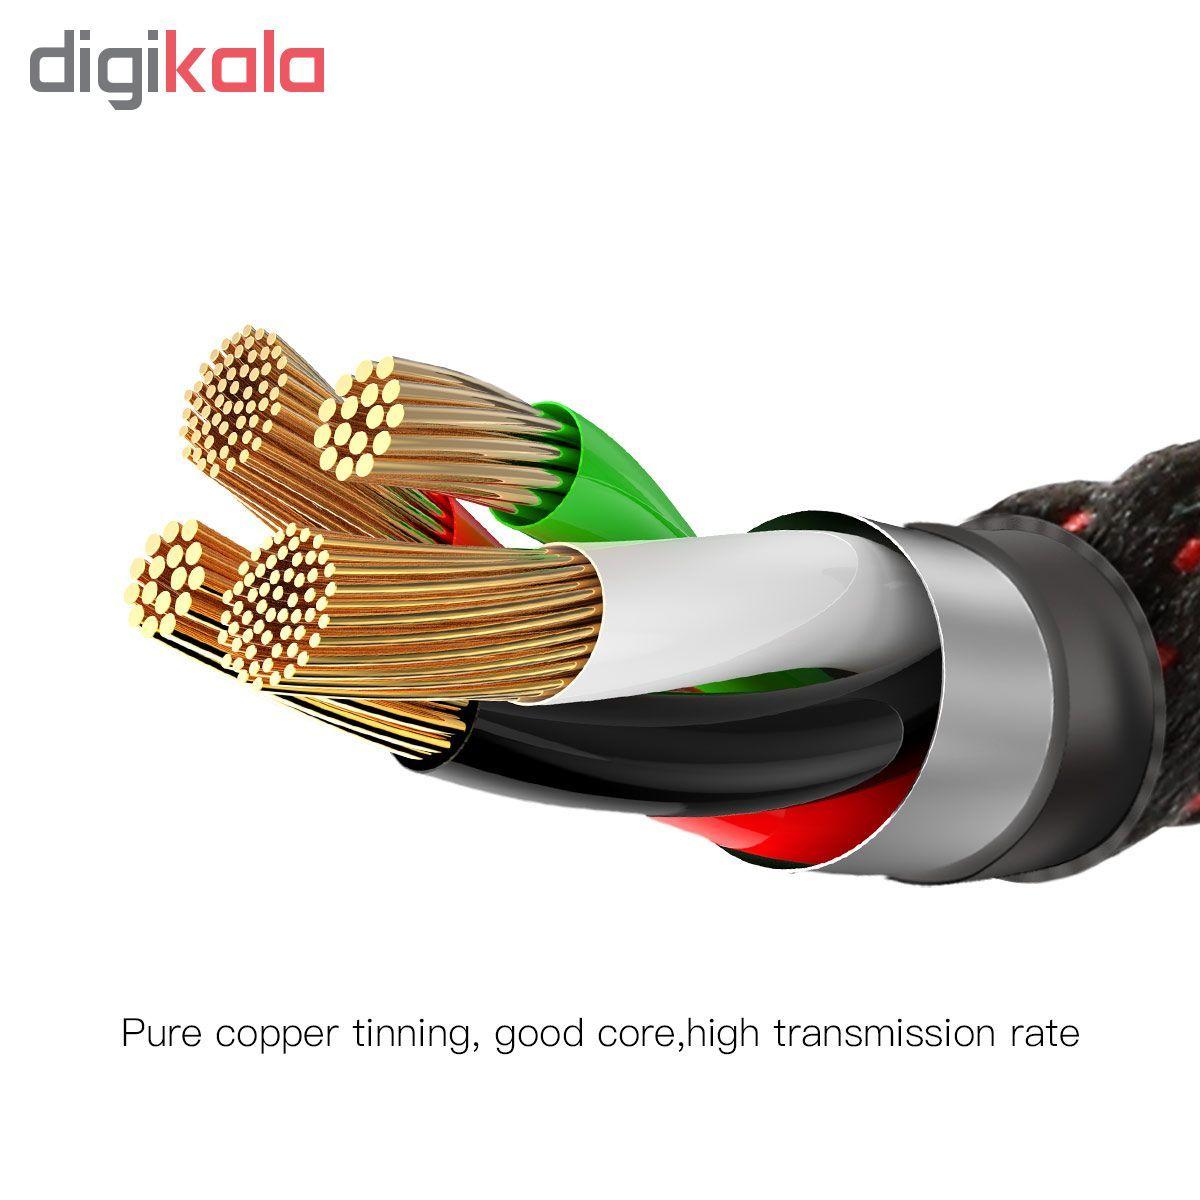 کابل تبدیل USB به لایتنینگ باسئوس مدل CALCD-01 طول 1 متر main 1 4